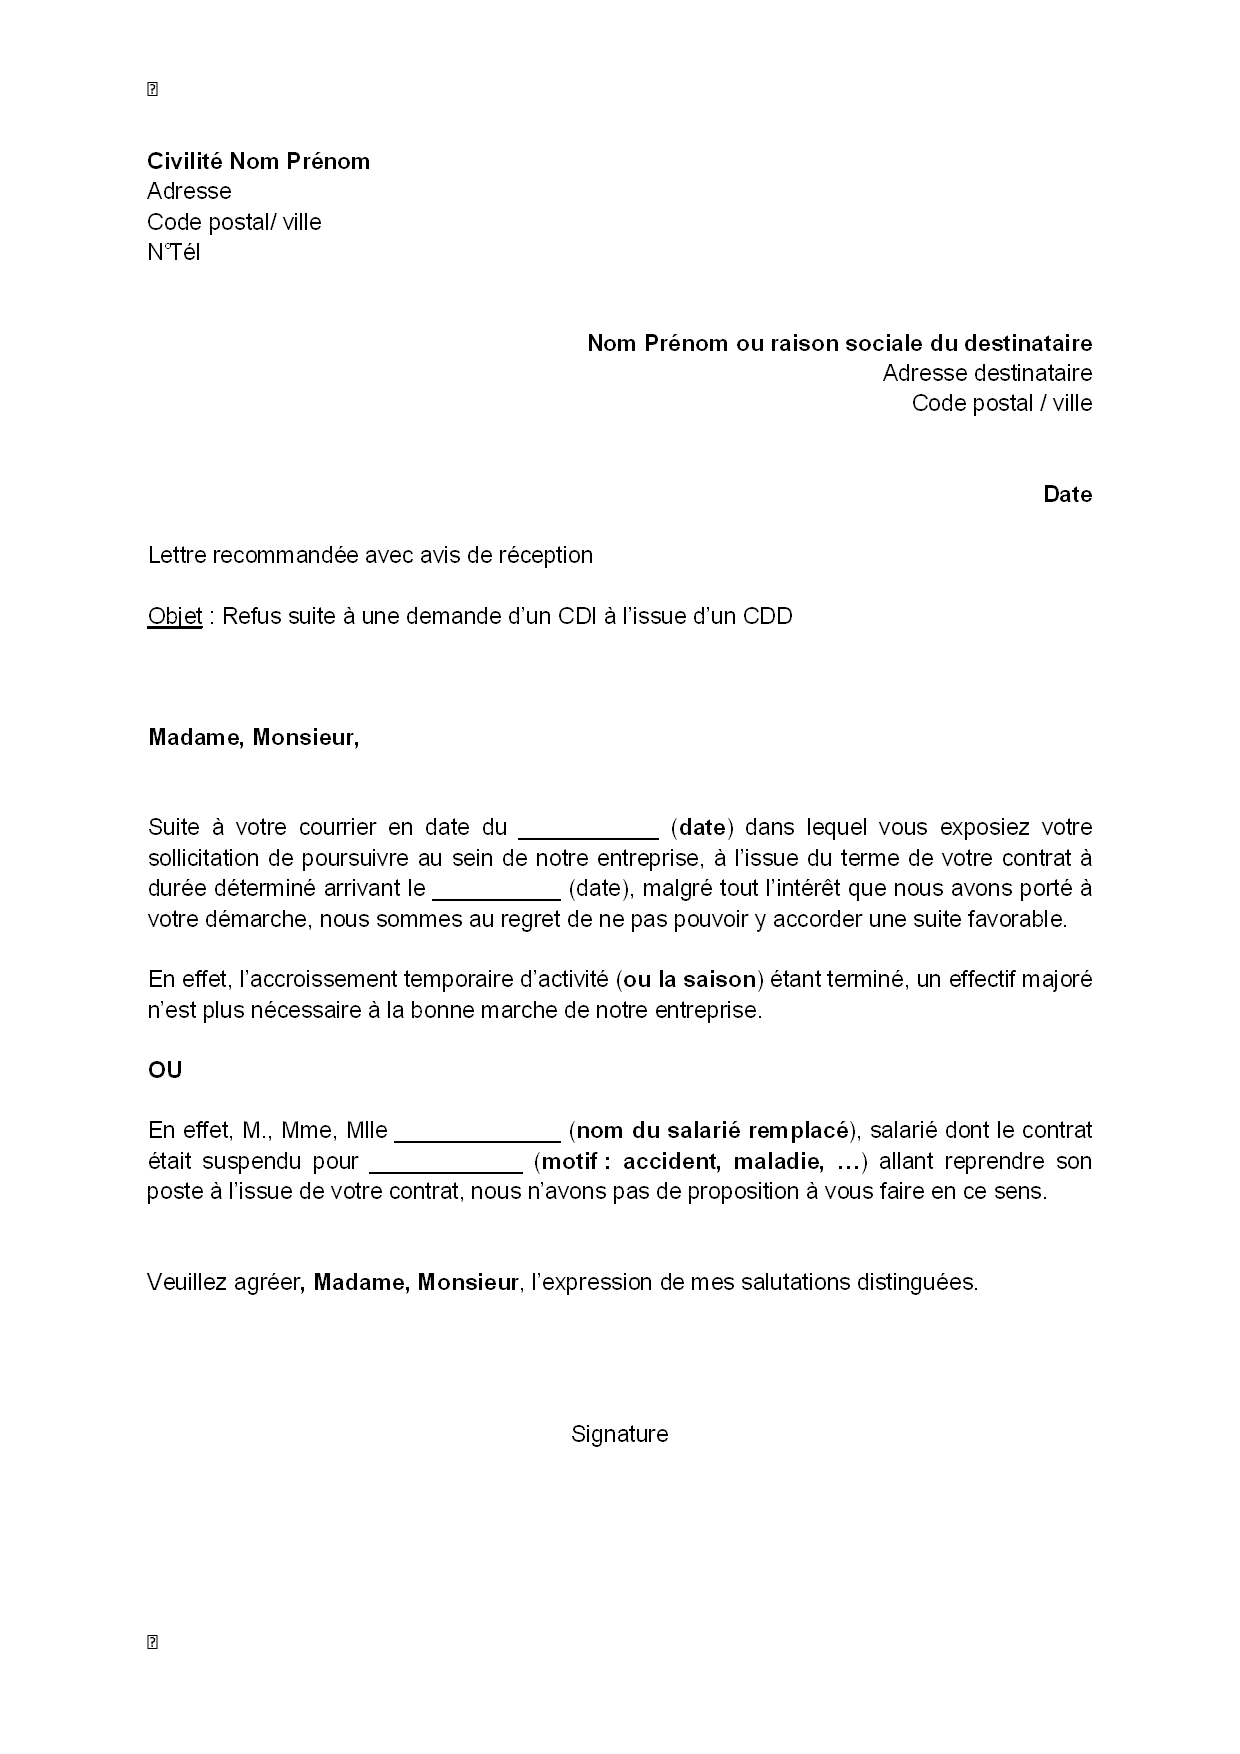 exemple gratuit de lettre refus offre un cdi par employeur  u00e0 issue un cdd